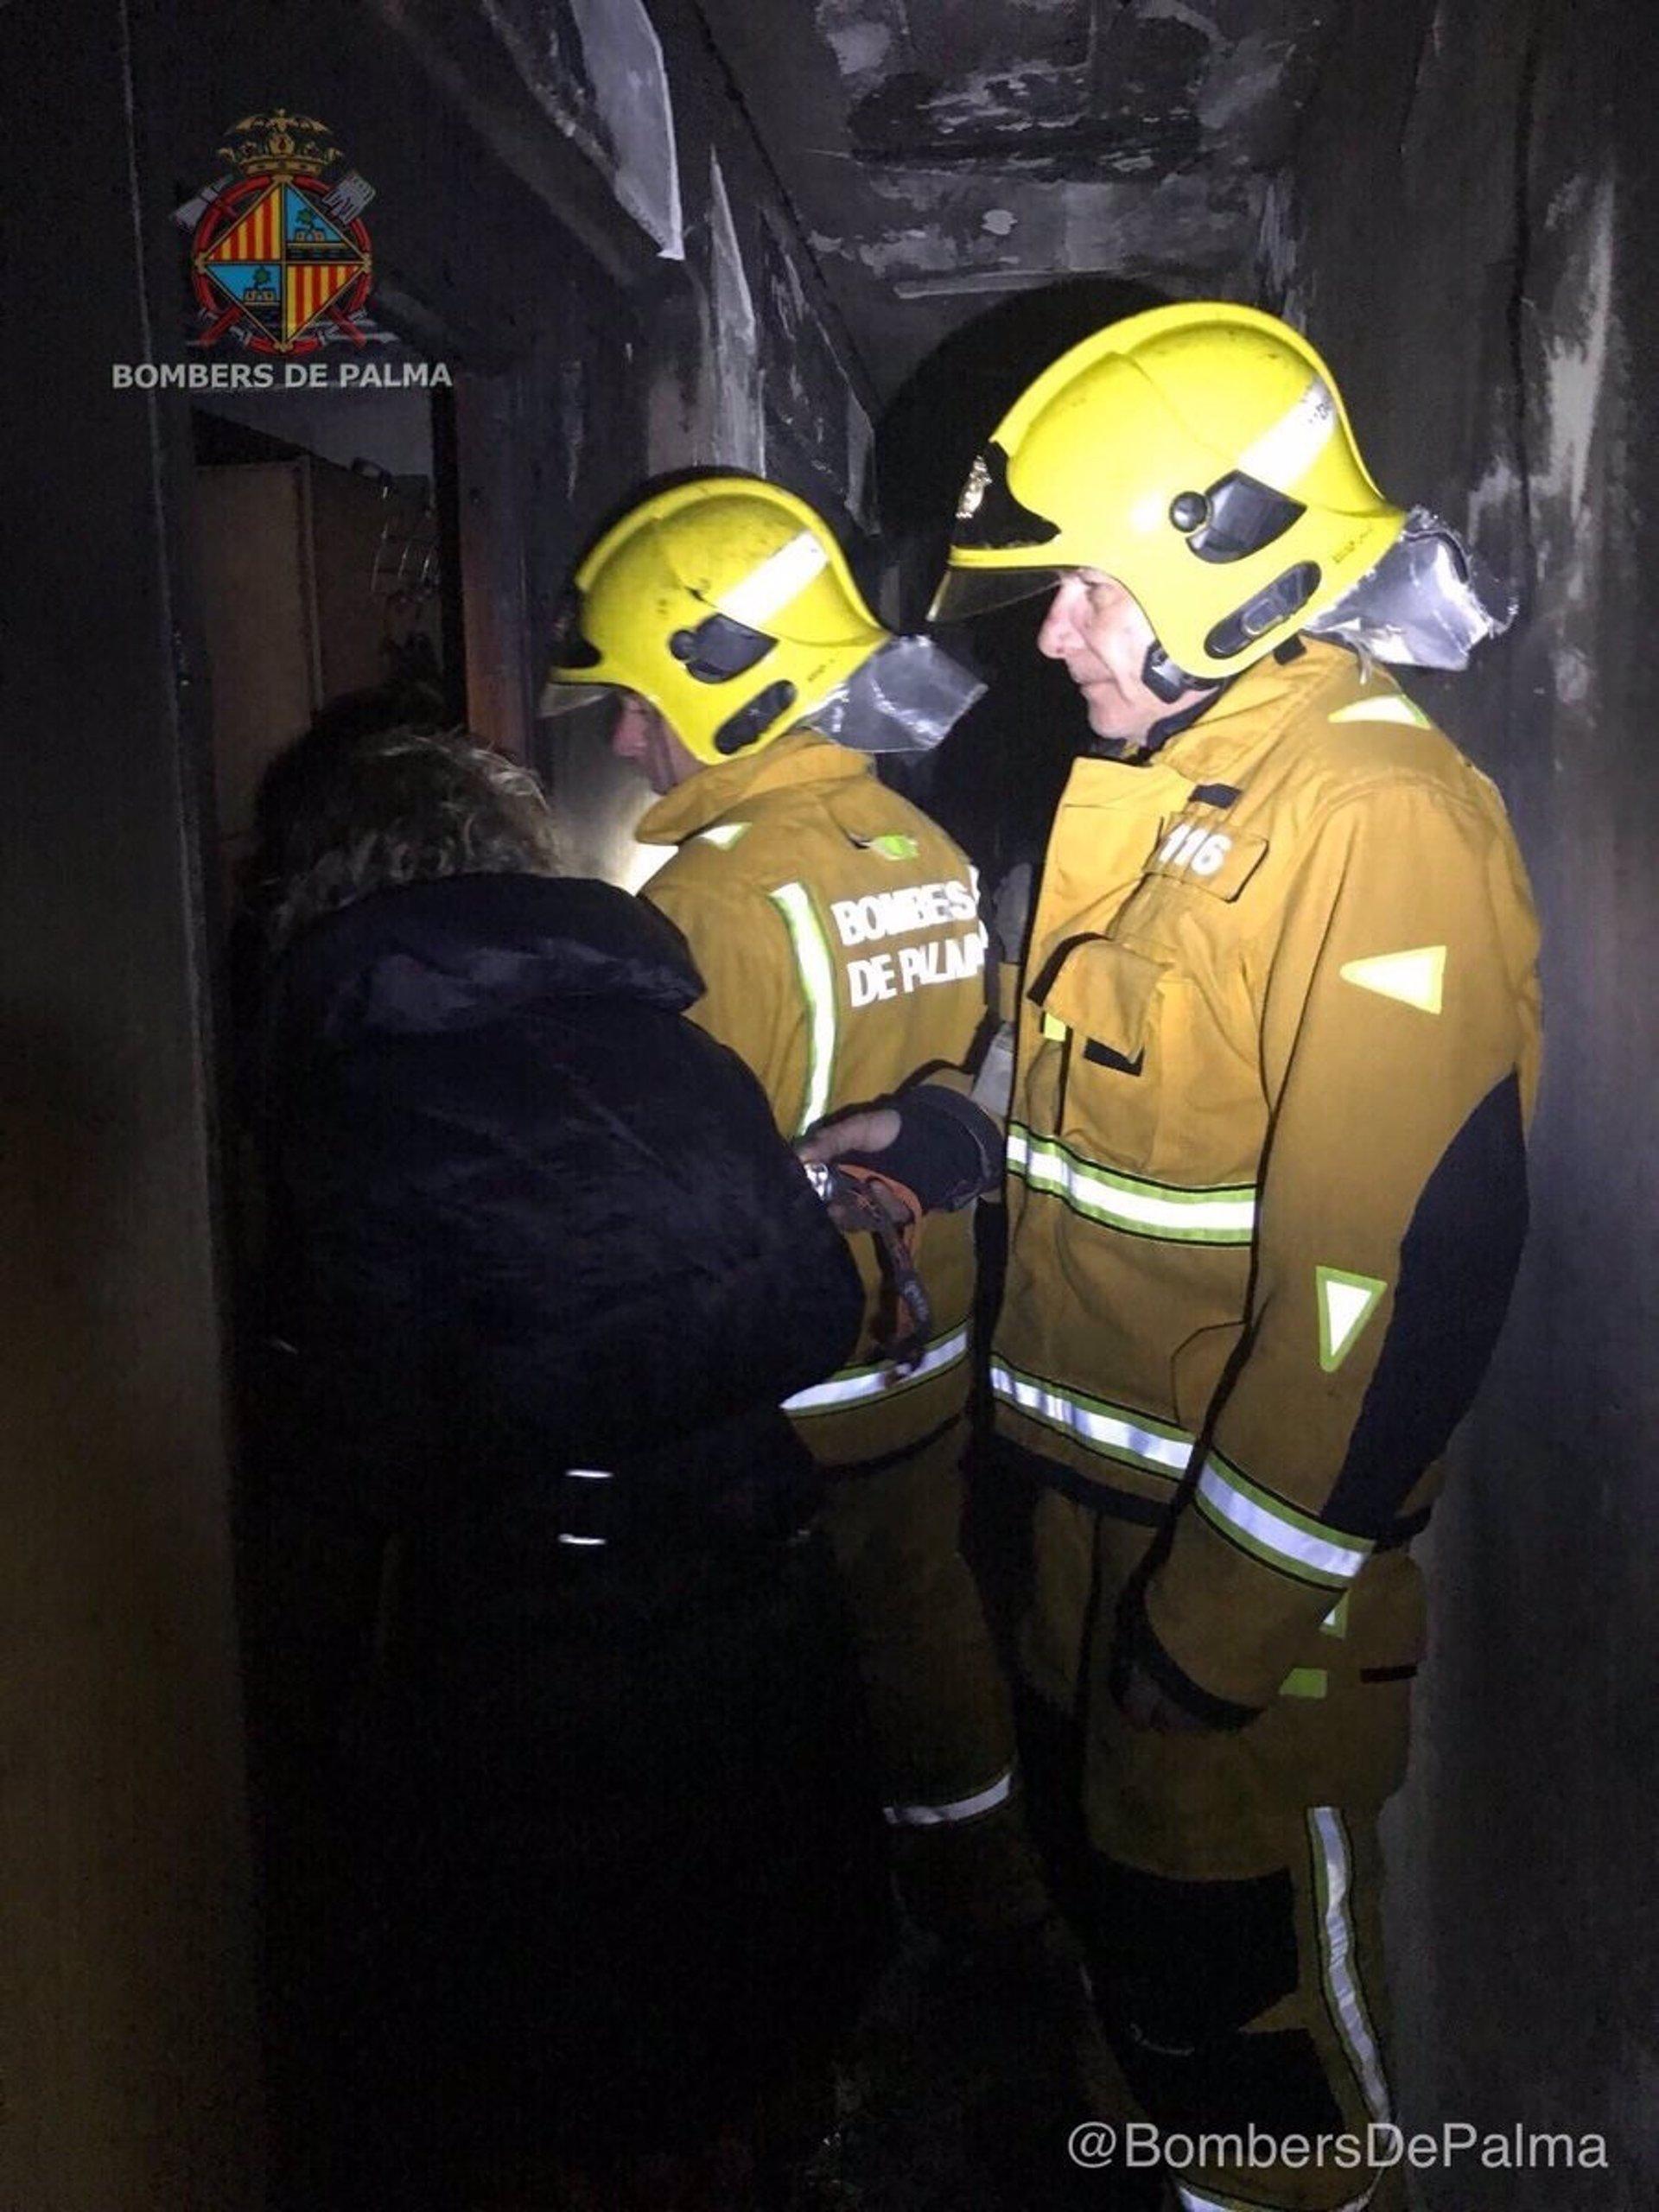 Seis heridos por inhalación de humo en un incendio en una vivienda en Palma